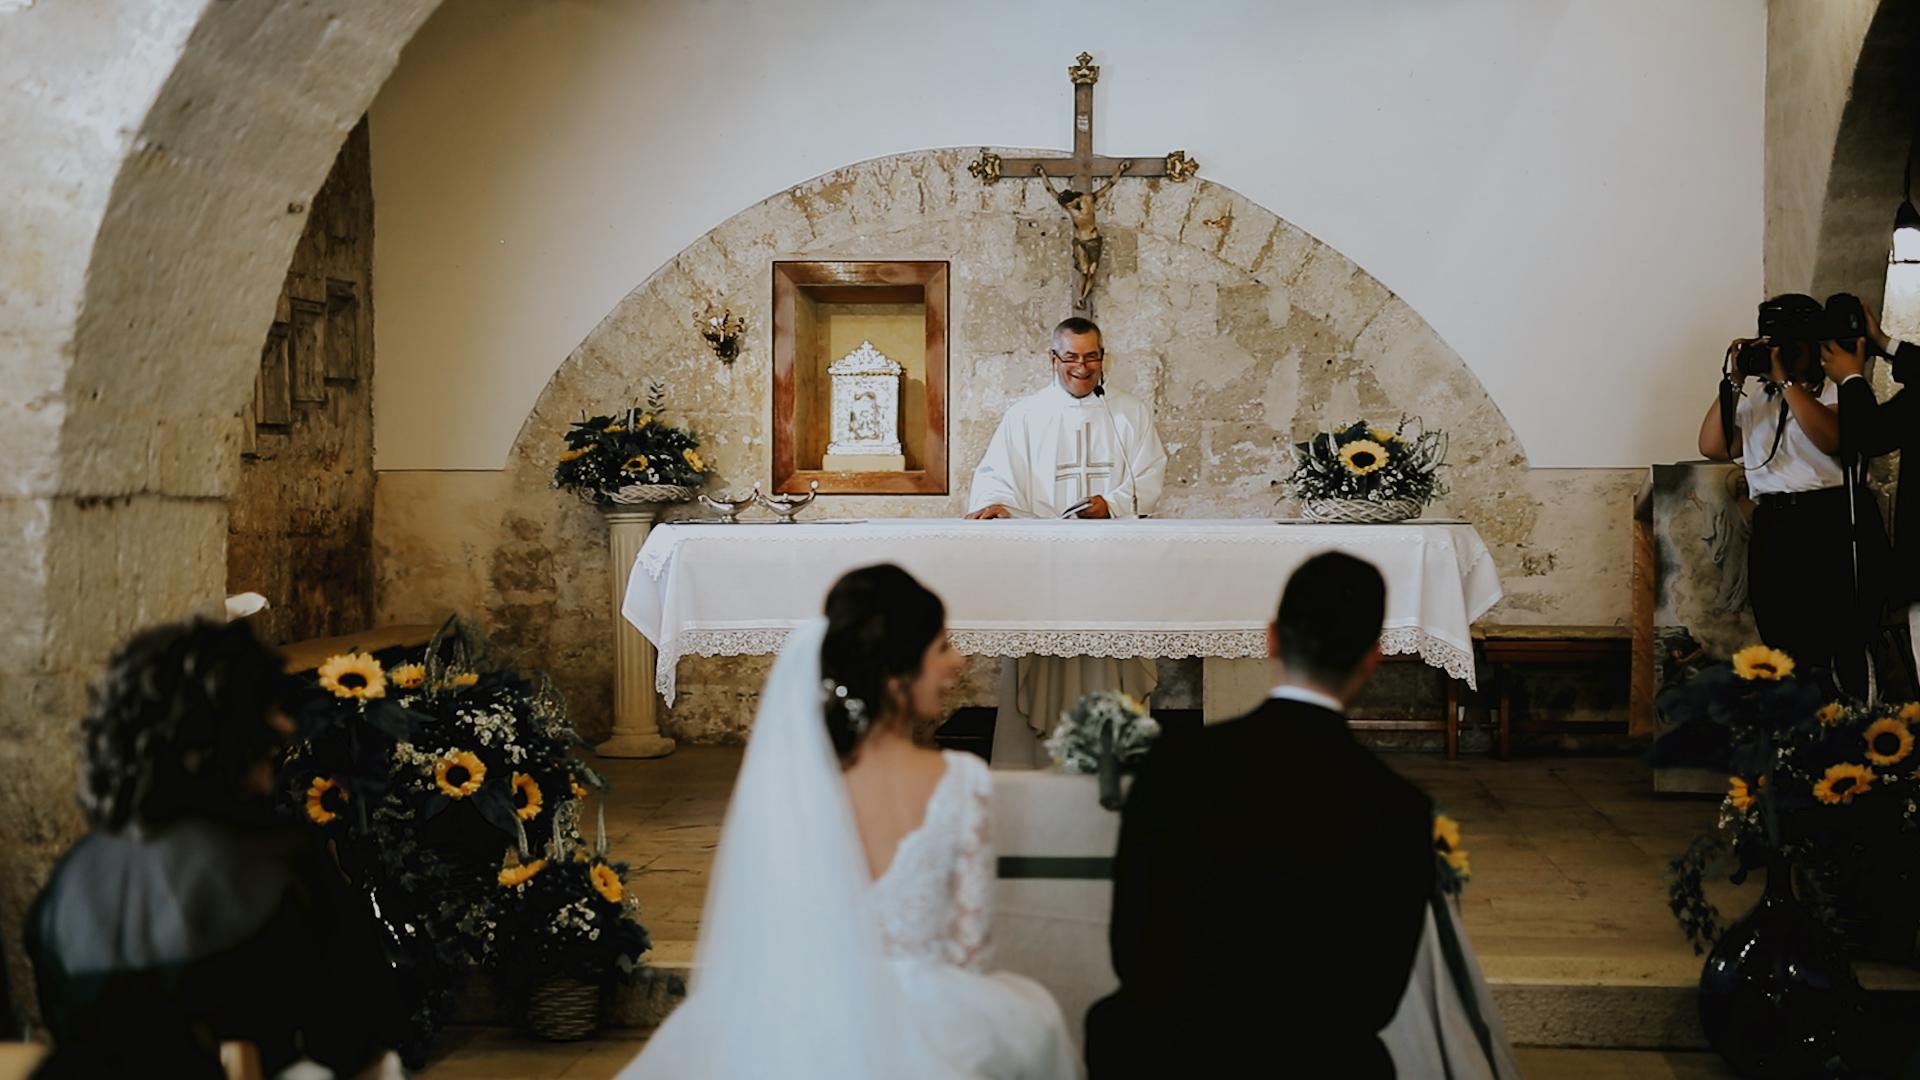 CARD0390.00_00_02_14.Immagine005 Matrimonio a Tenuta Pinto